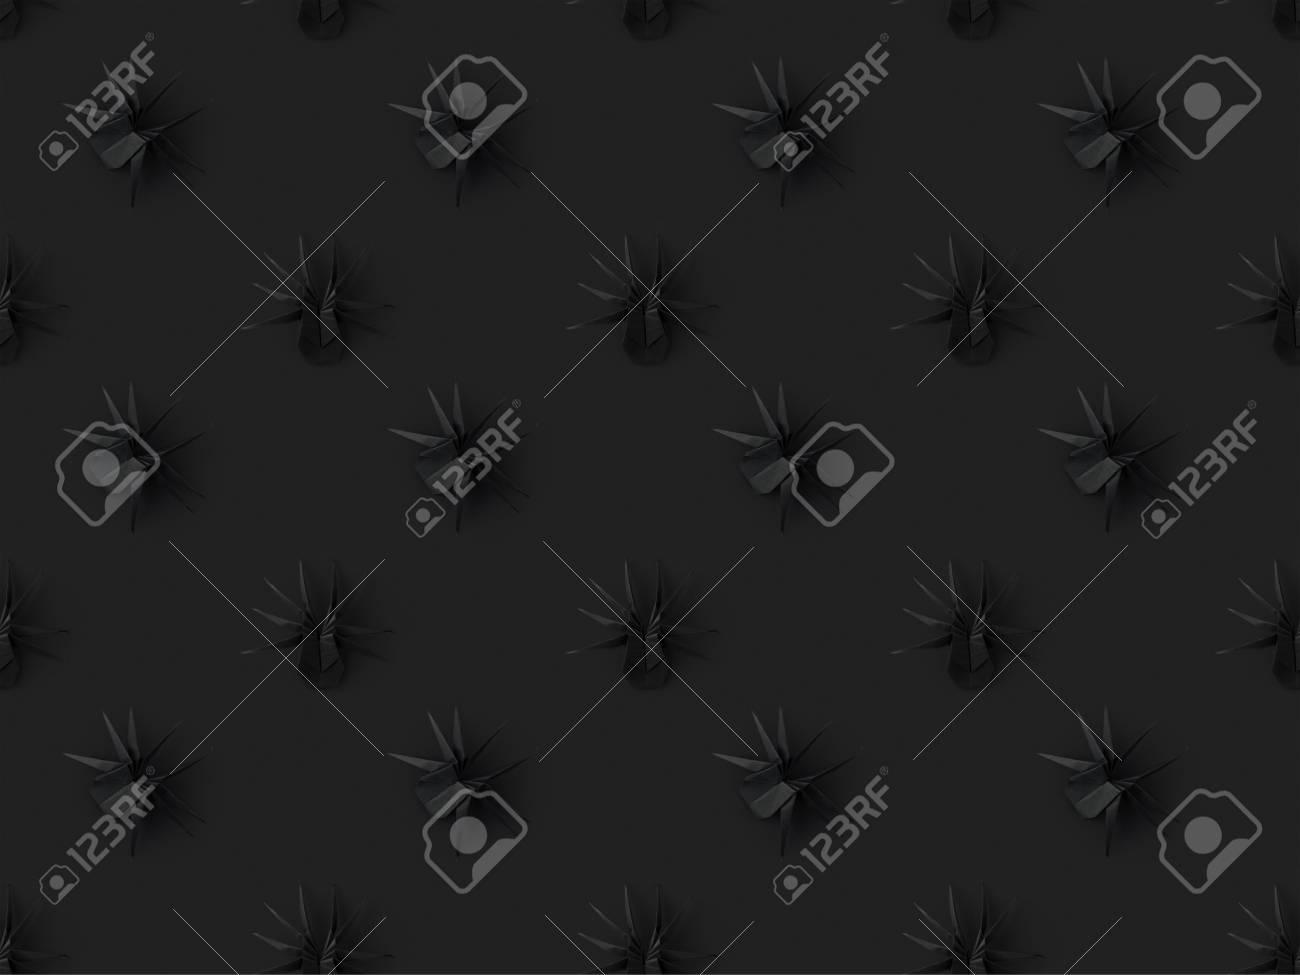 texture d'halloween avec des araignées origami noirs, isolé sur fond